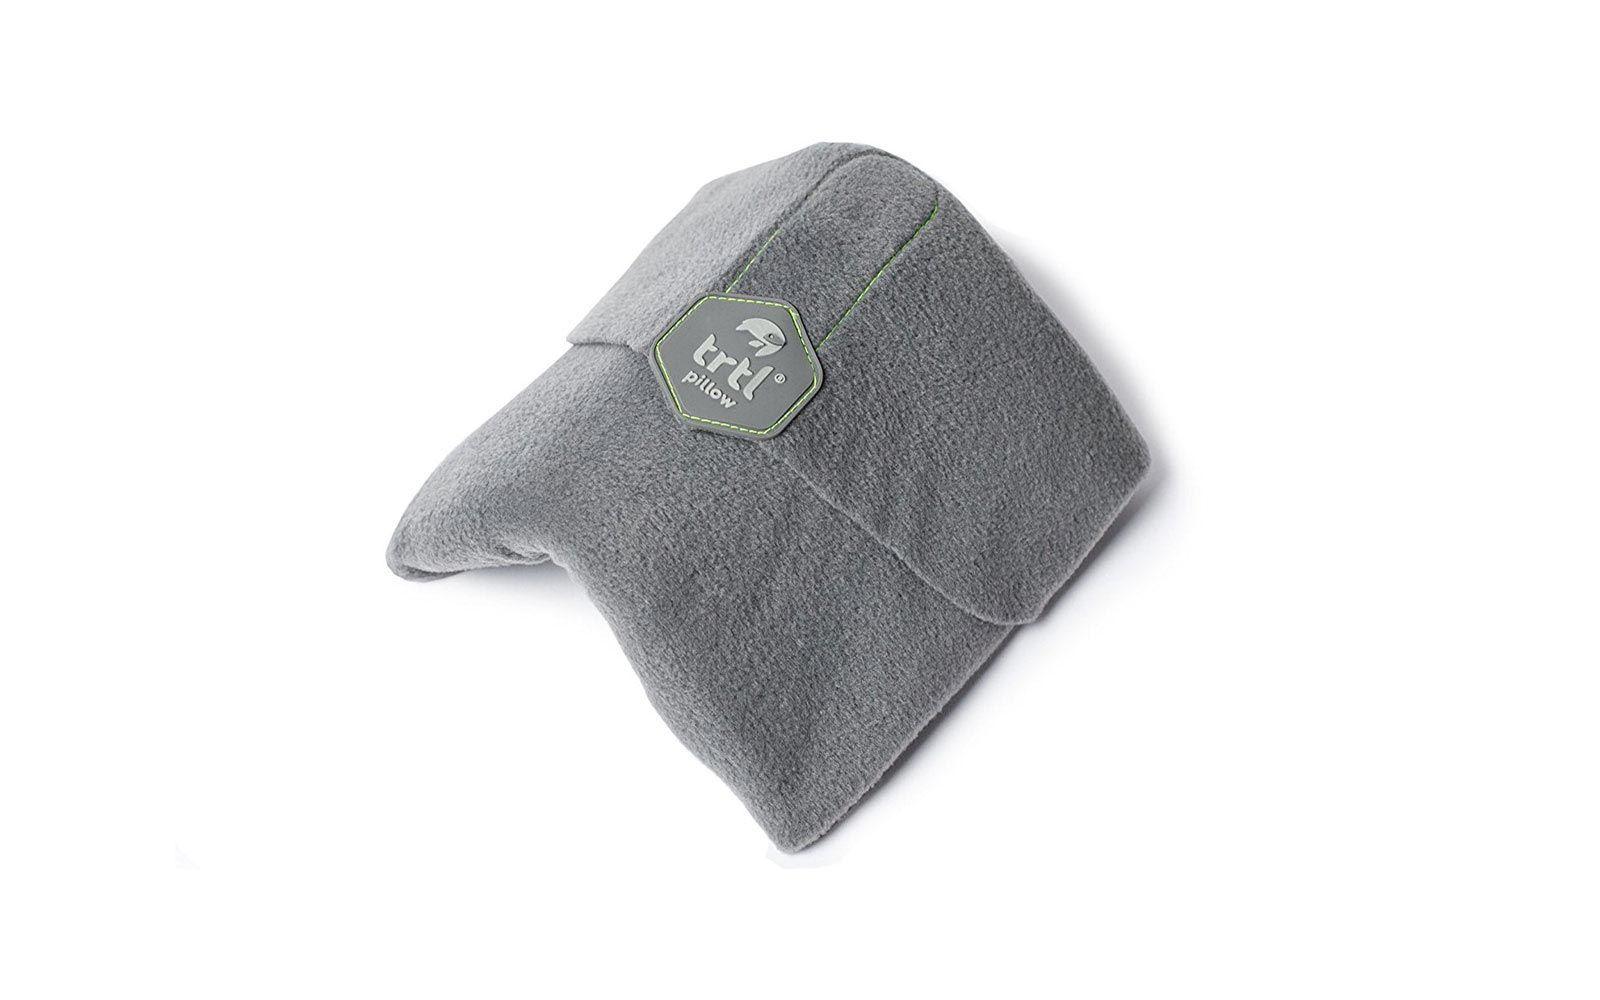 trtl Pillow Scientifically Proven